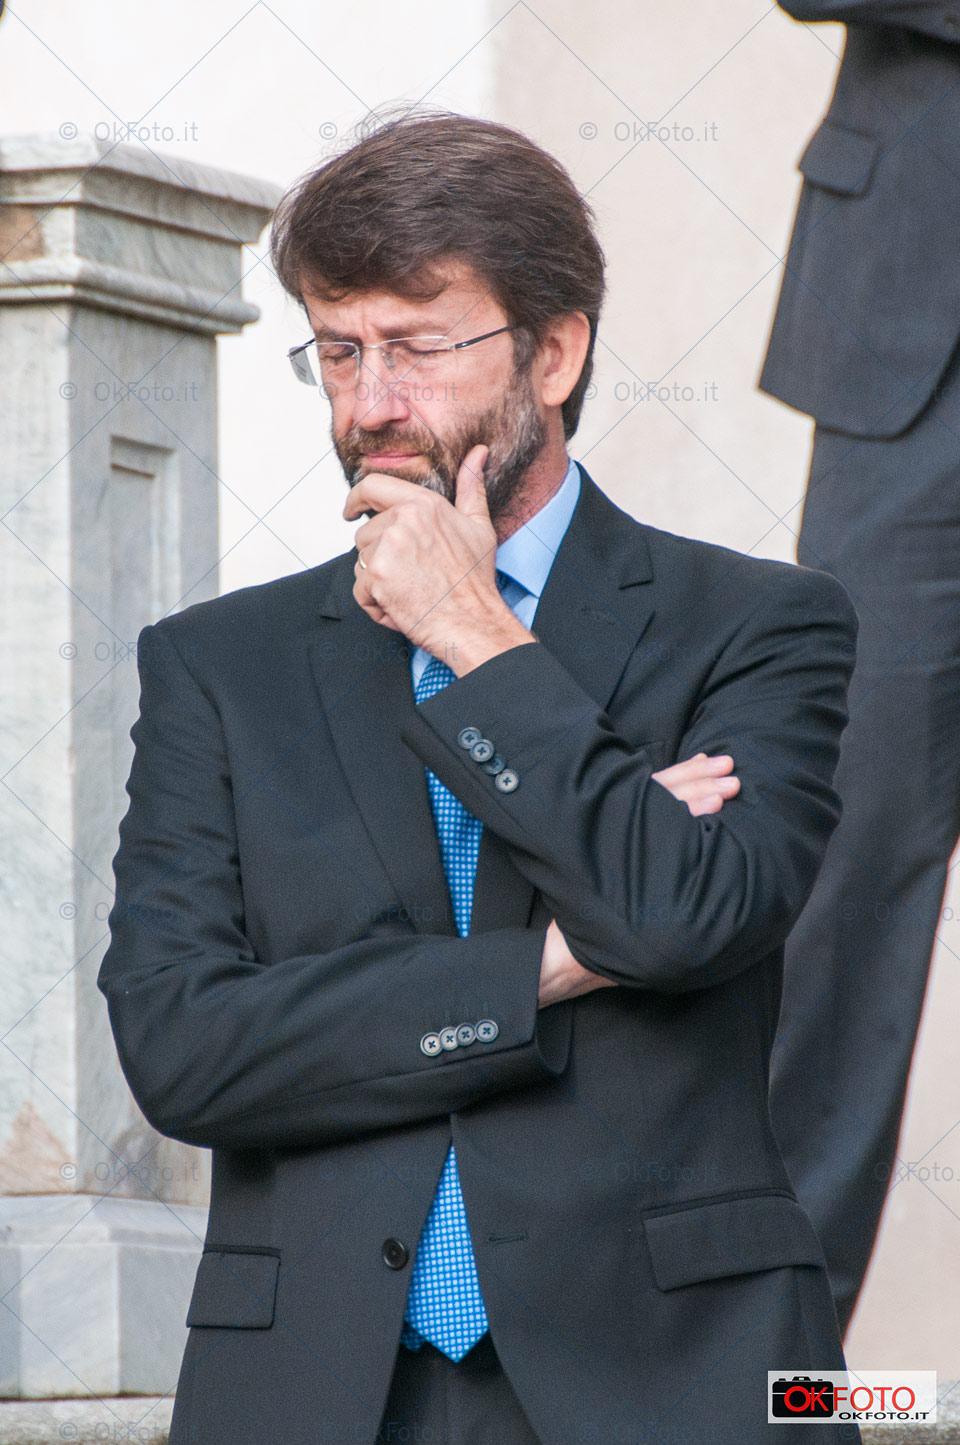 Dario Franceschini annovera Museo Egizio e La Venaria tra i musei statali